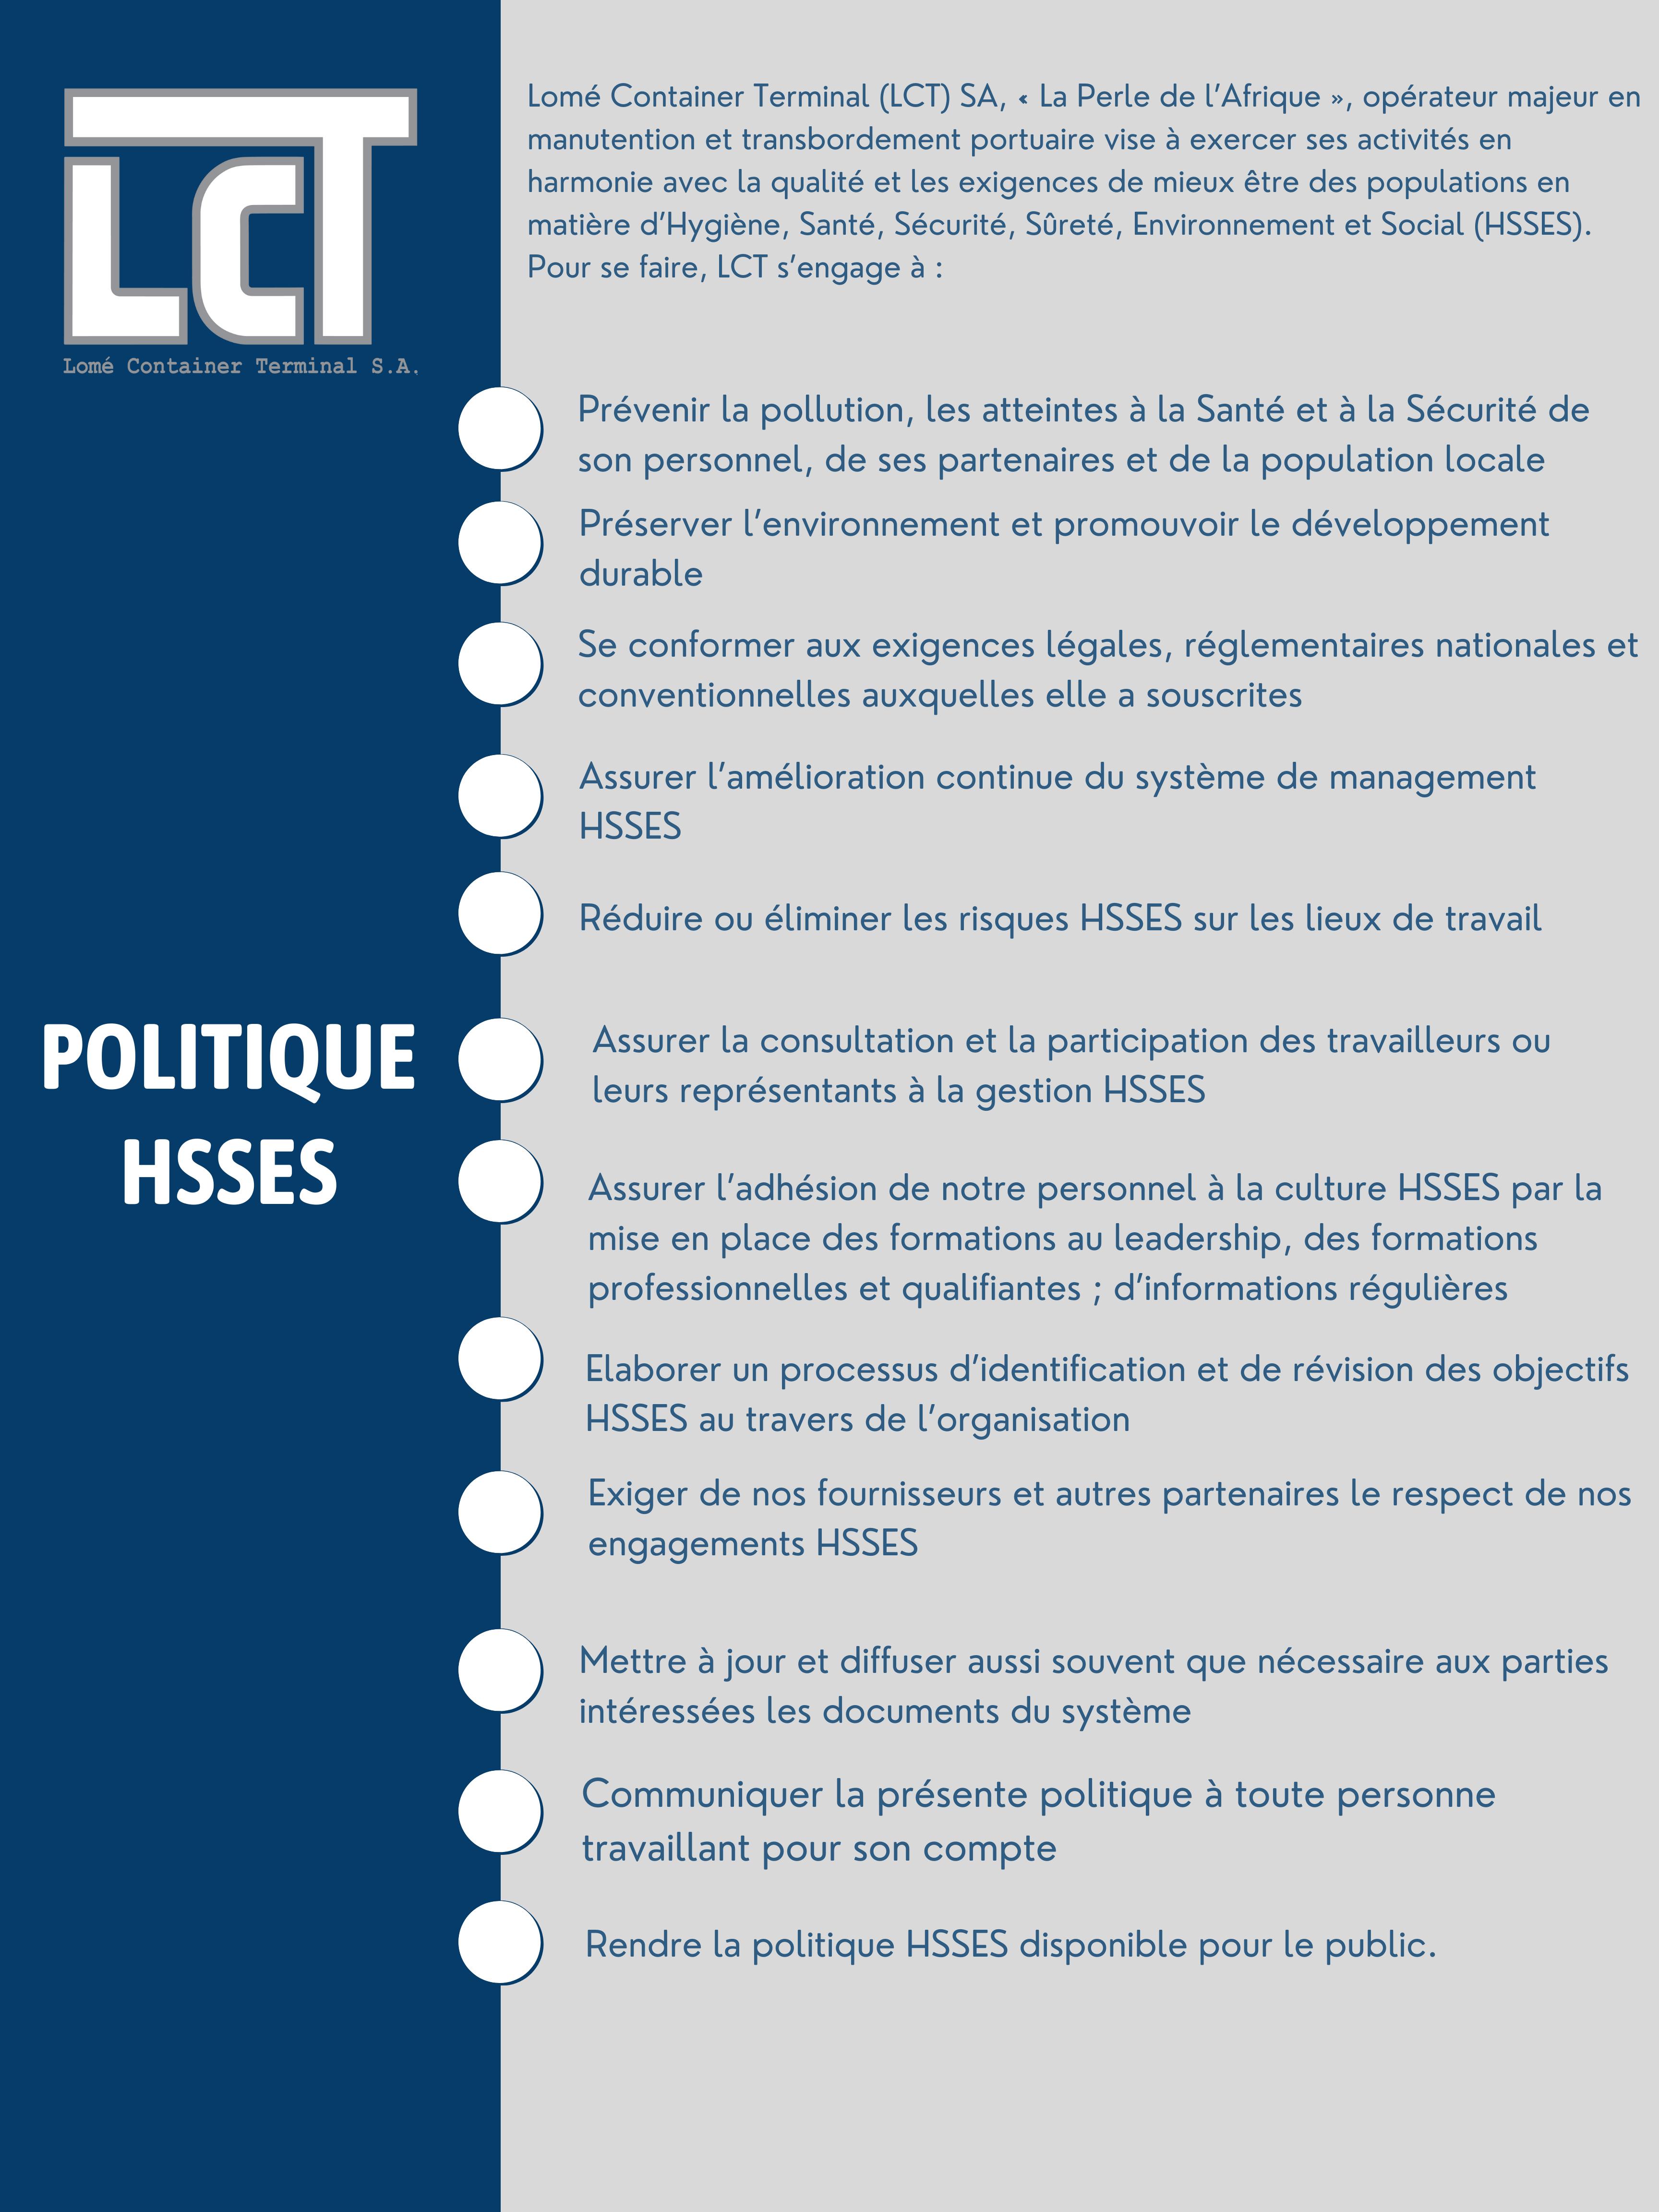 LCT POLITIQUE Hygiène, Sureté,Santé Environnement et social